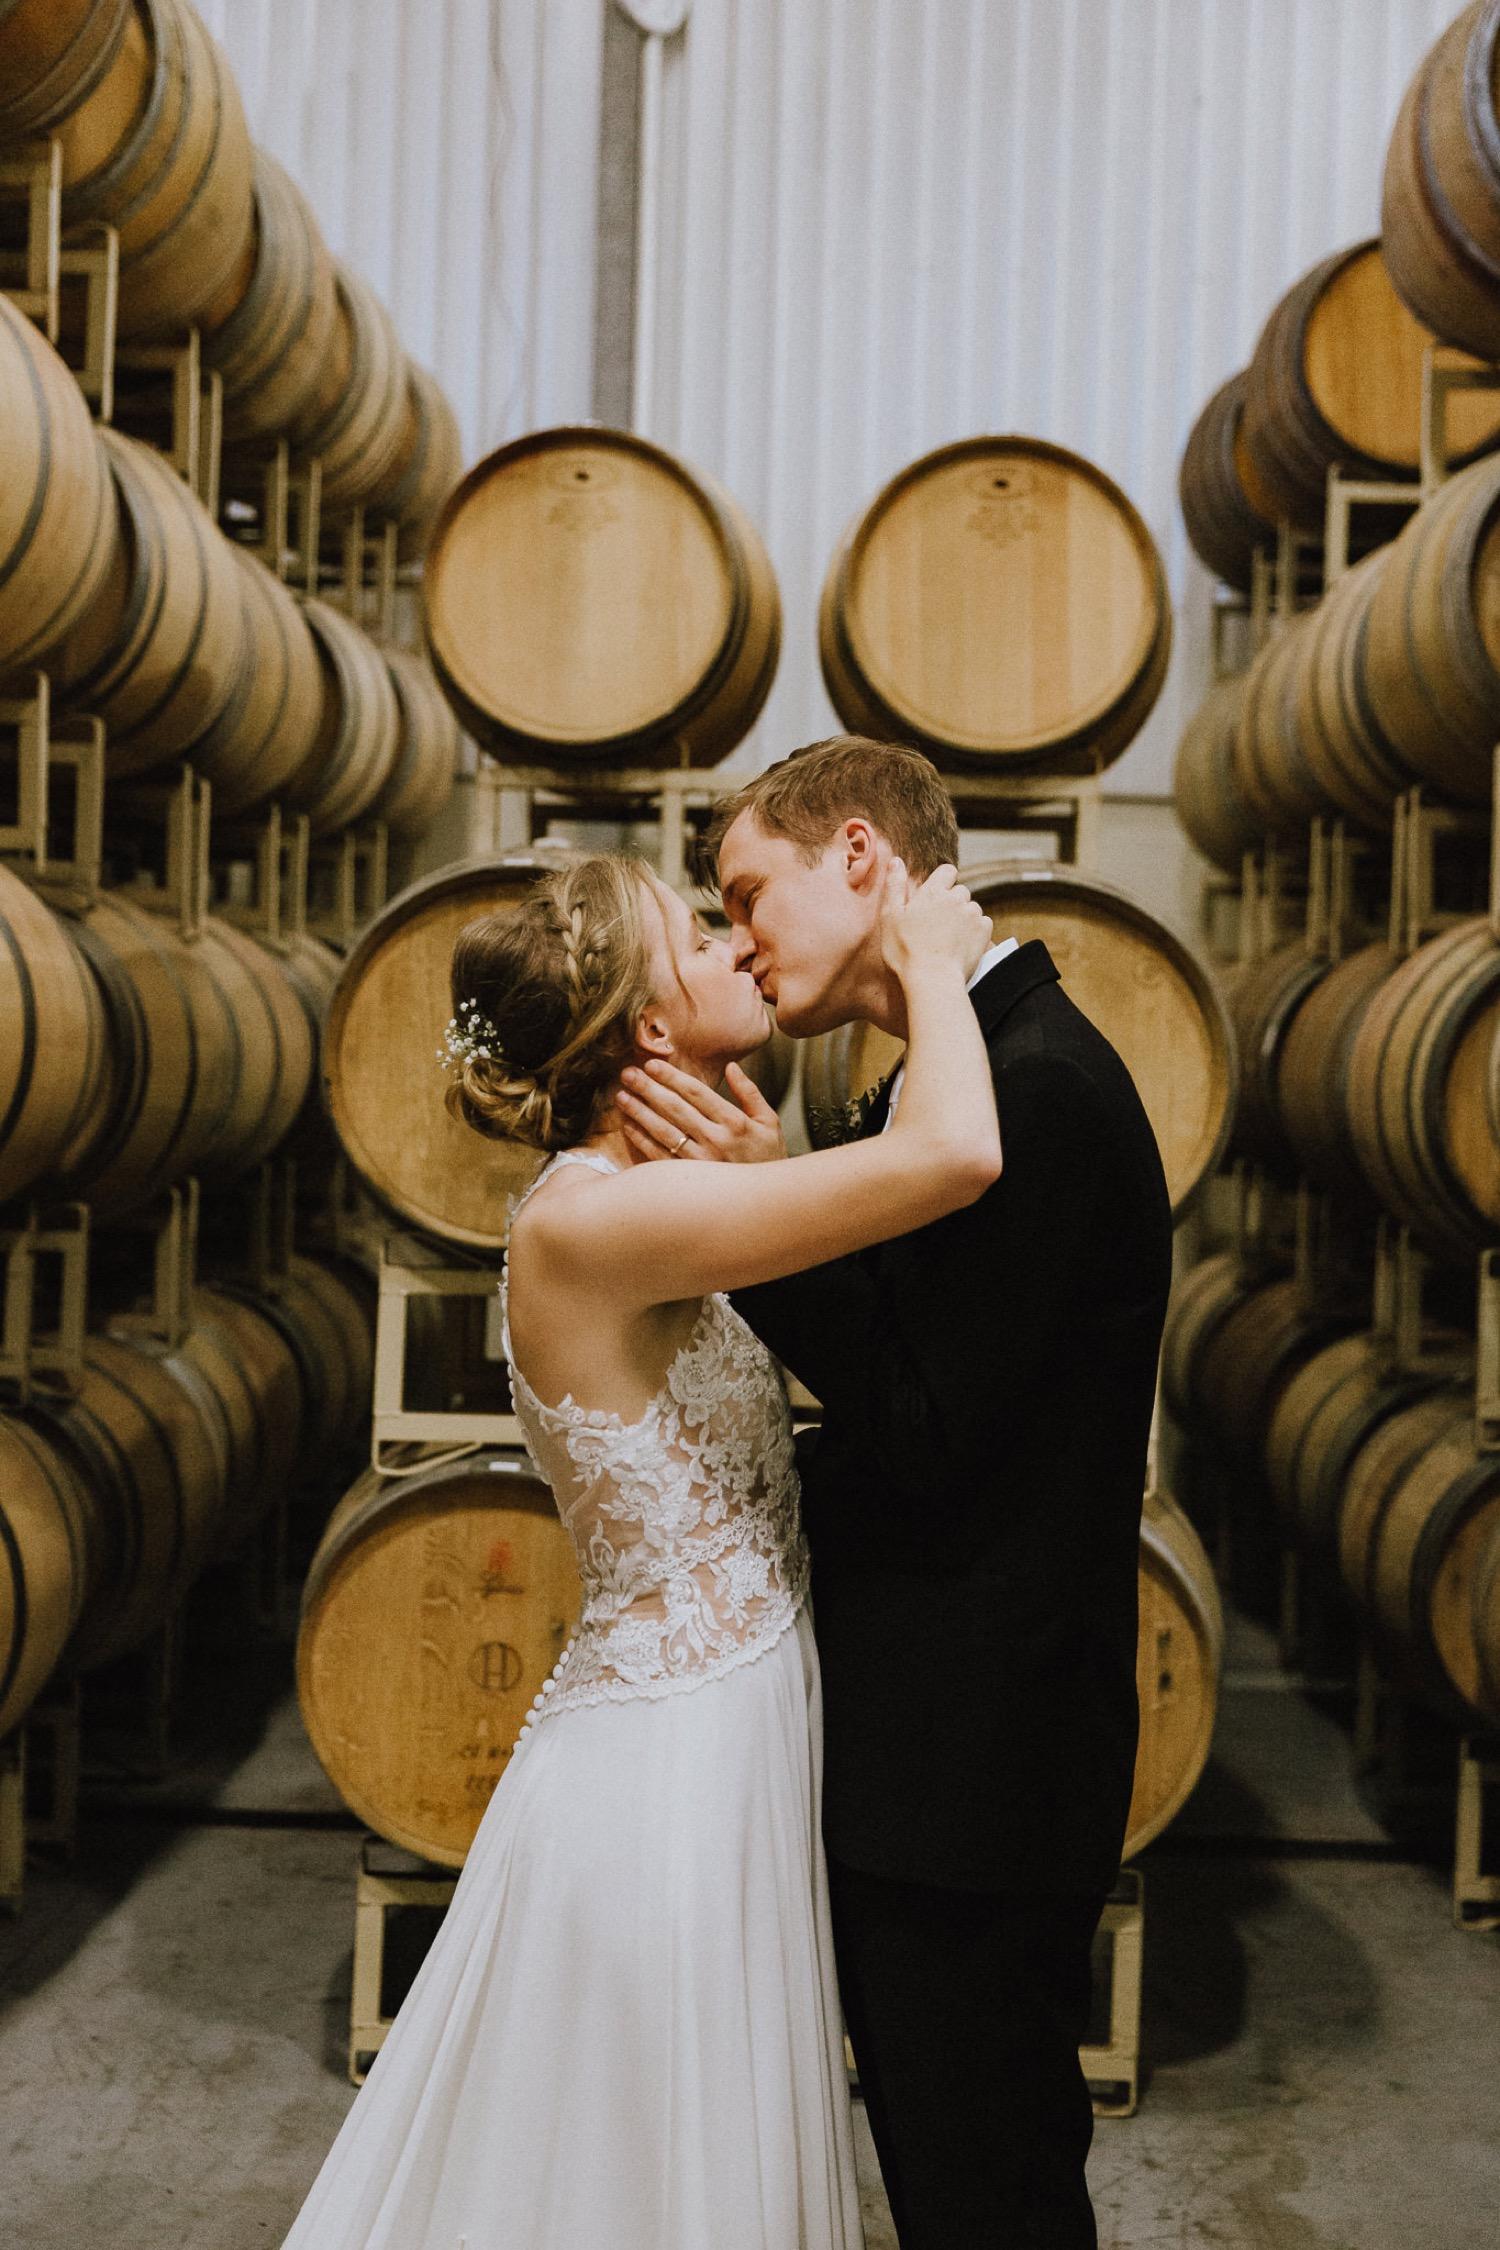 Bruidspaar in wijnkelder